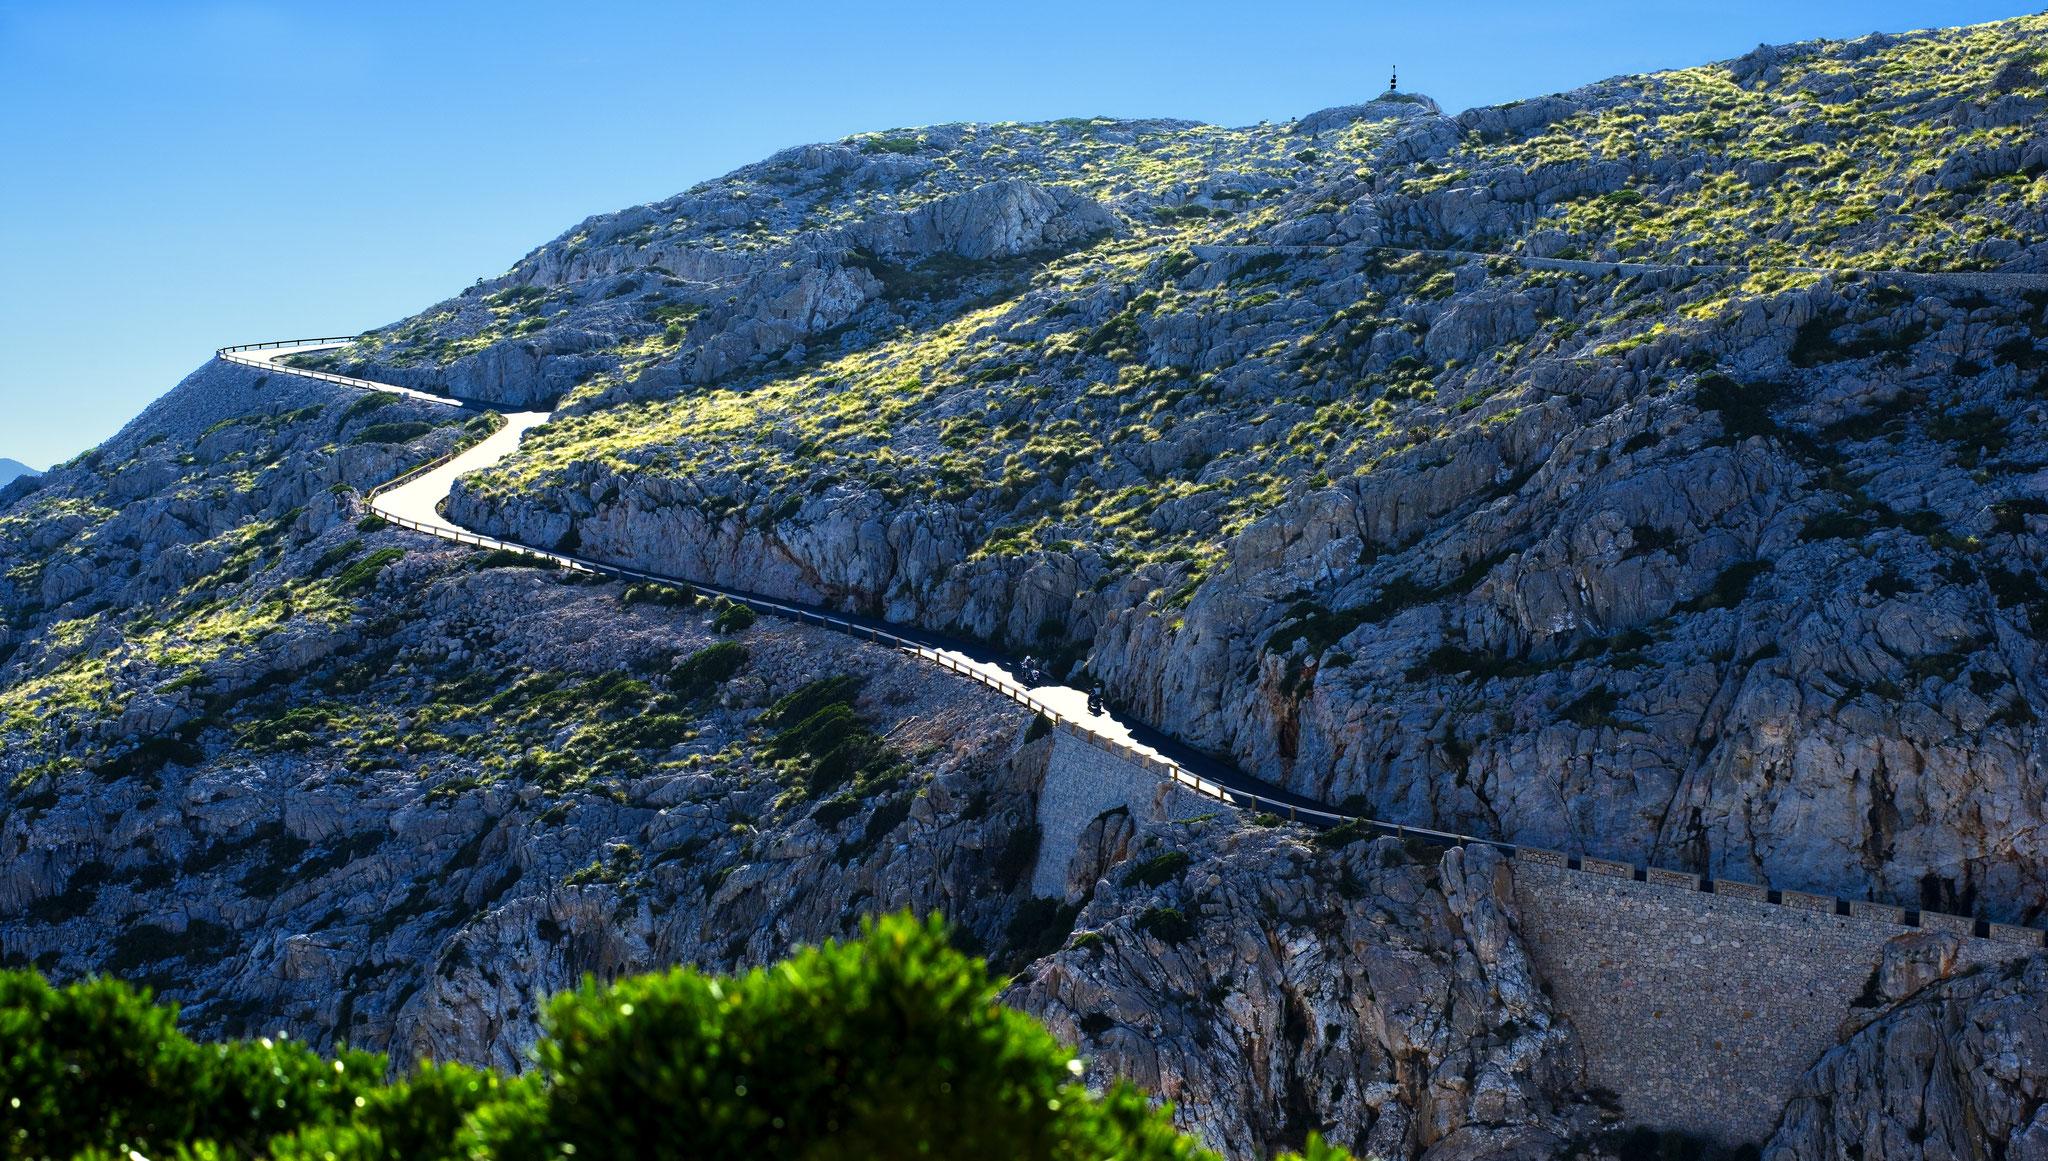 Carretera al Cap Formentor